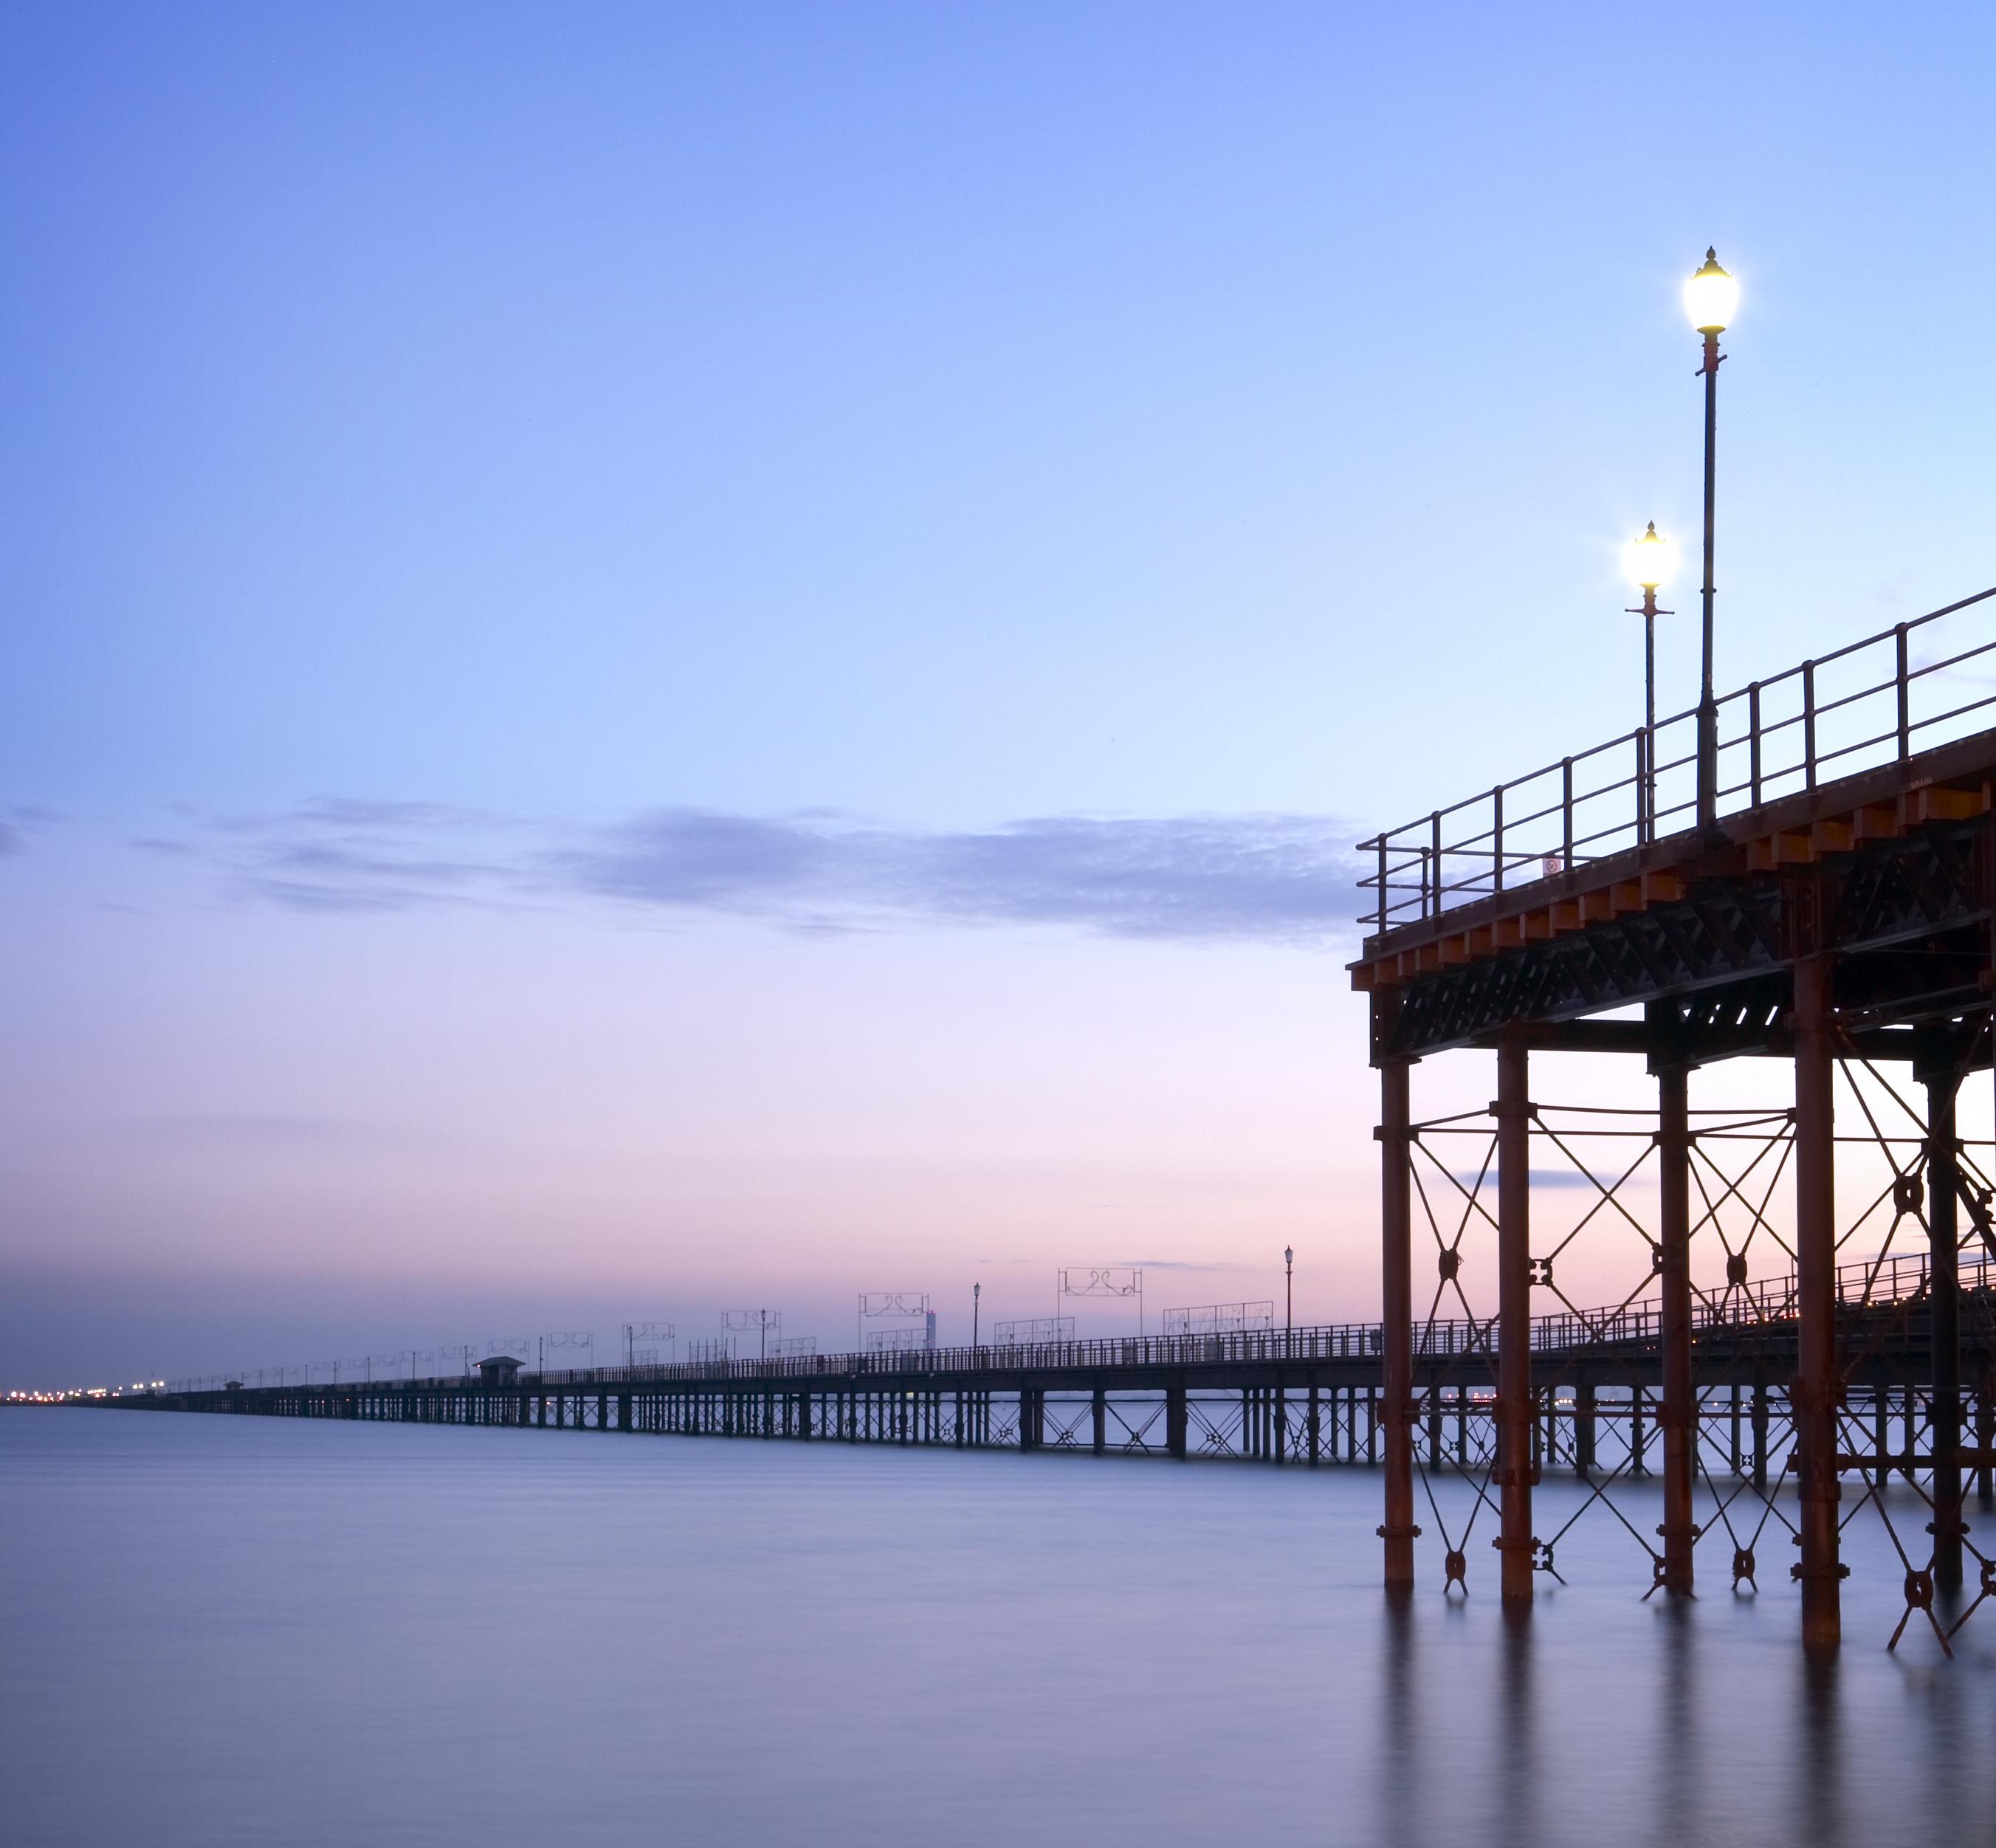 De leukste britse badplaatsen deel 2 dfds blog for 1 royal terrace southend on sea